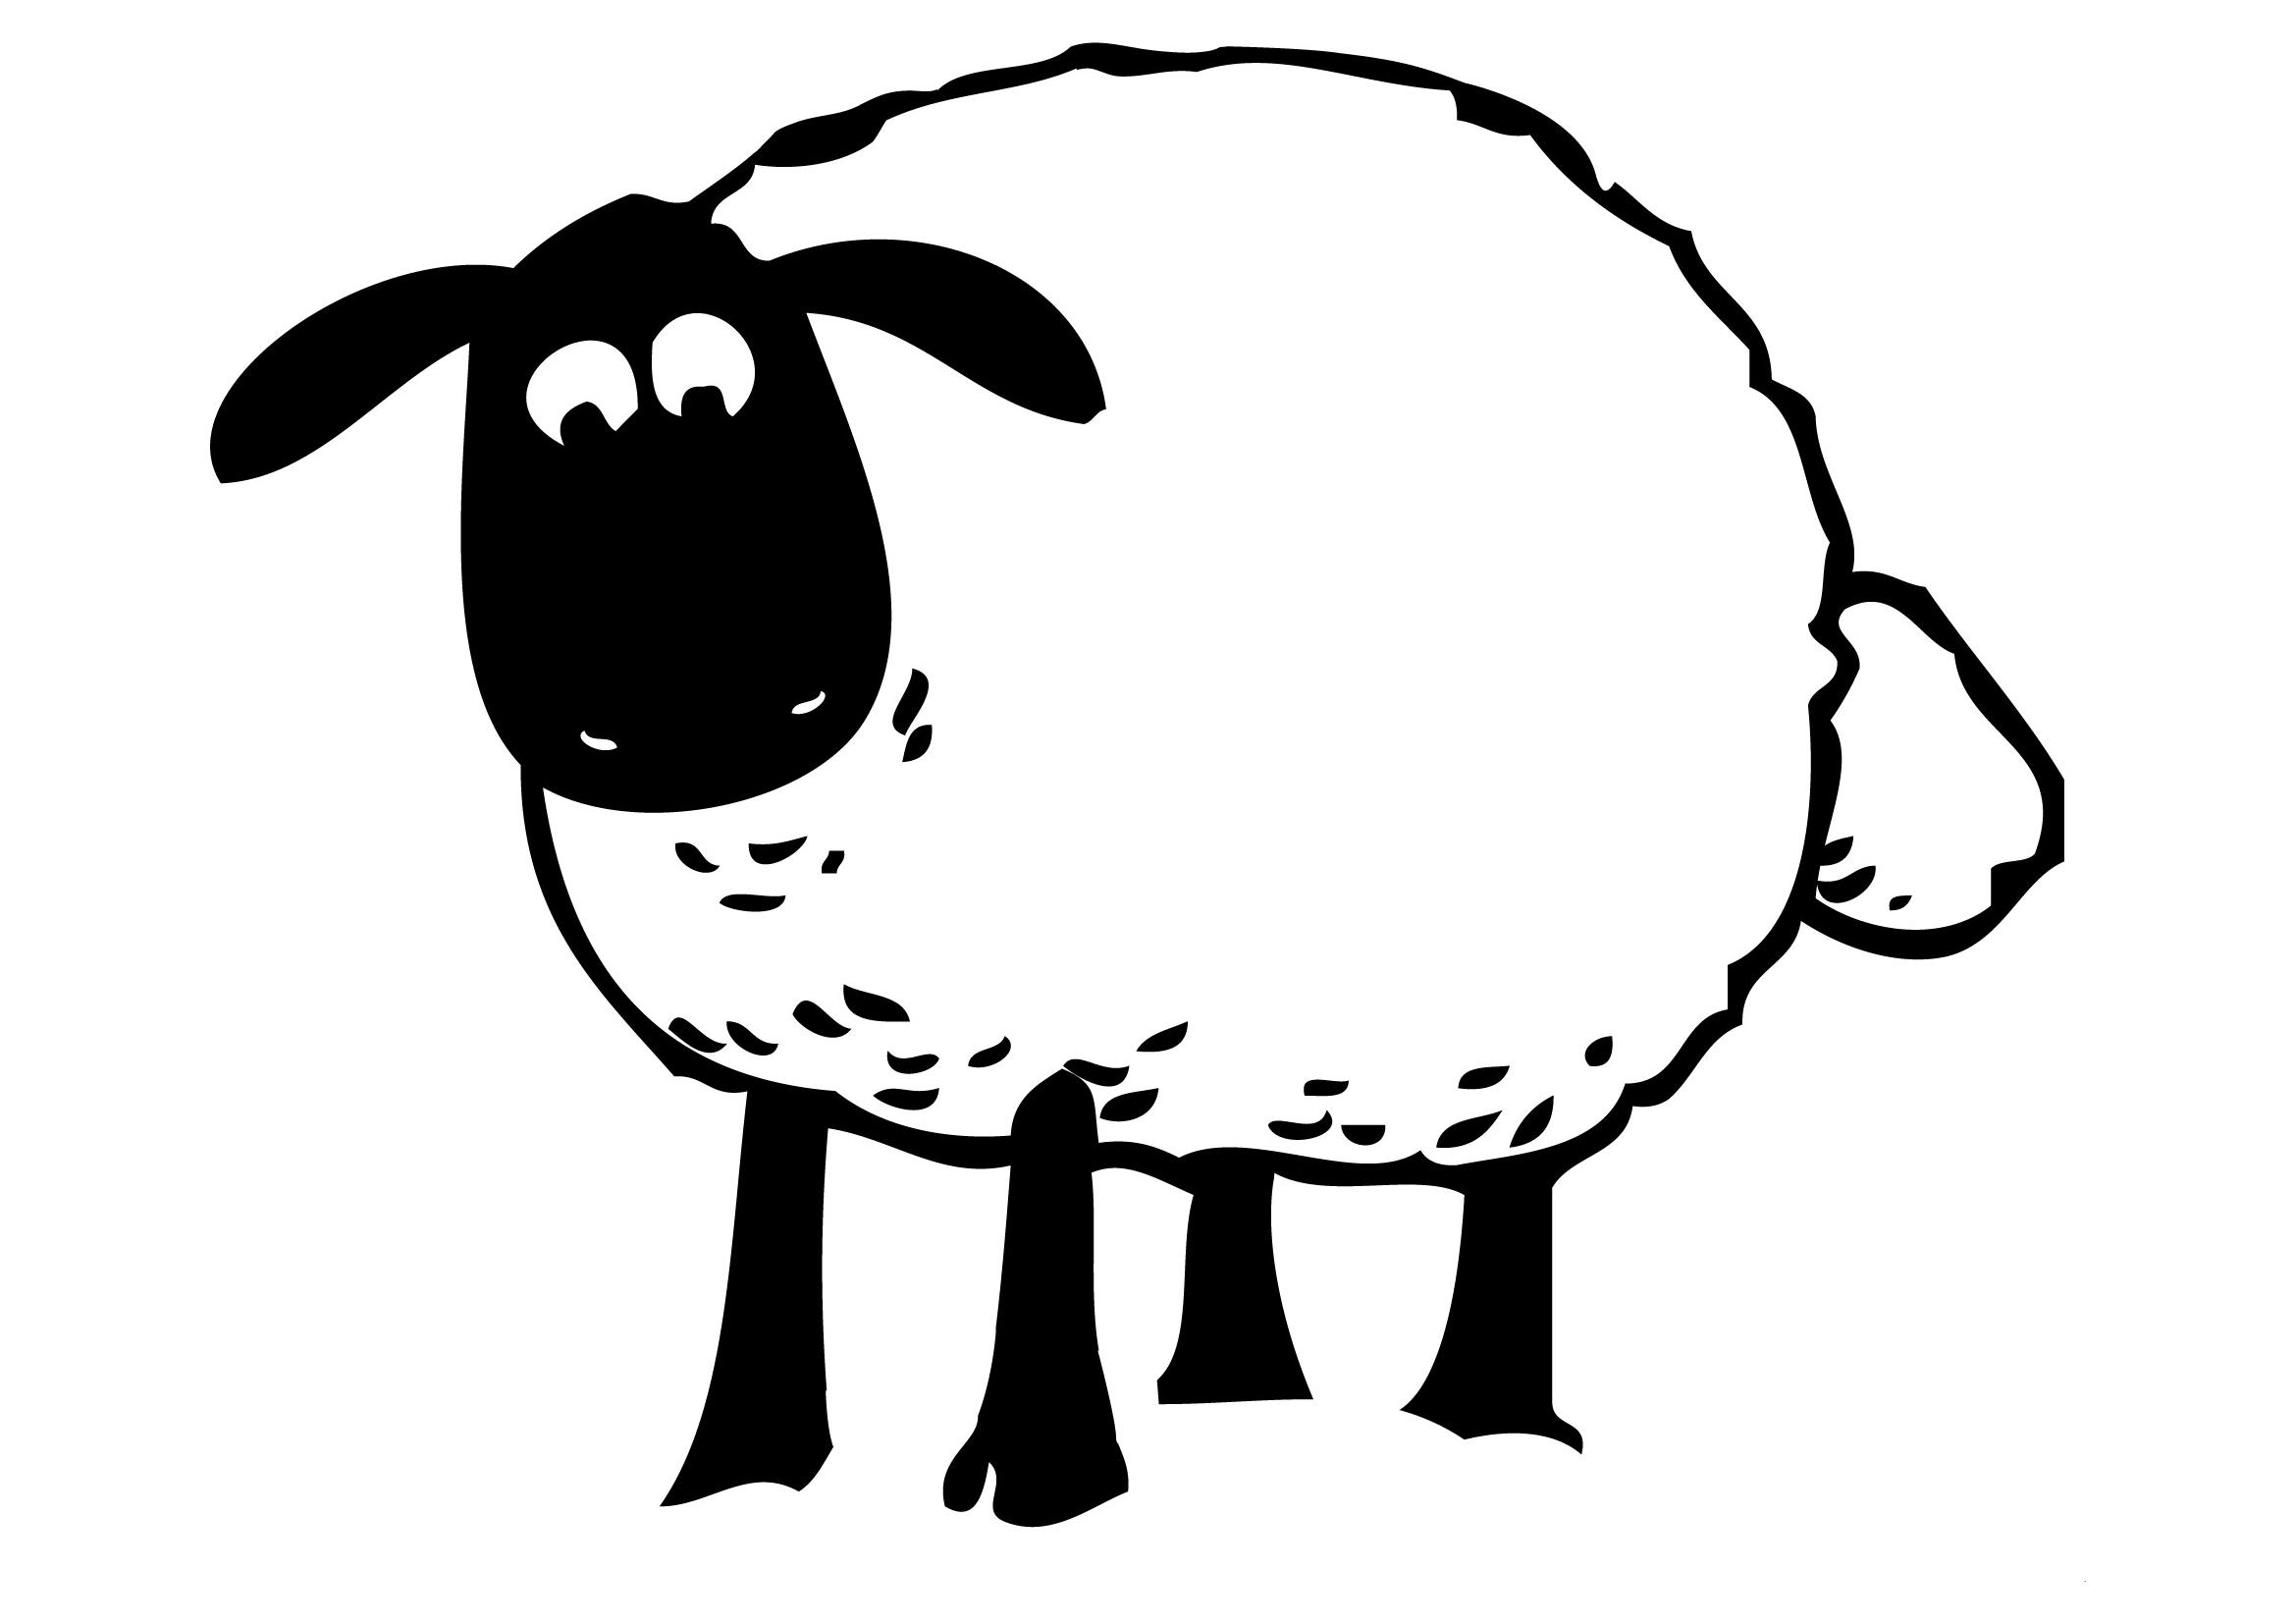 Coloriage Mouton Tete Noir | Coloriage Mouton, Dessin Facile encequiconcerne Mouton À Colorier